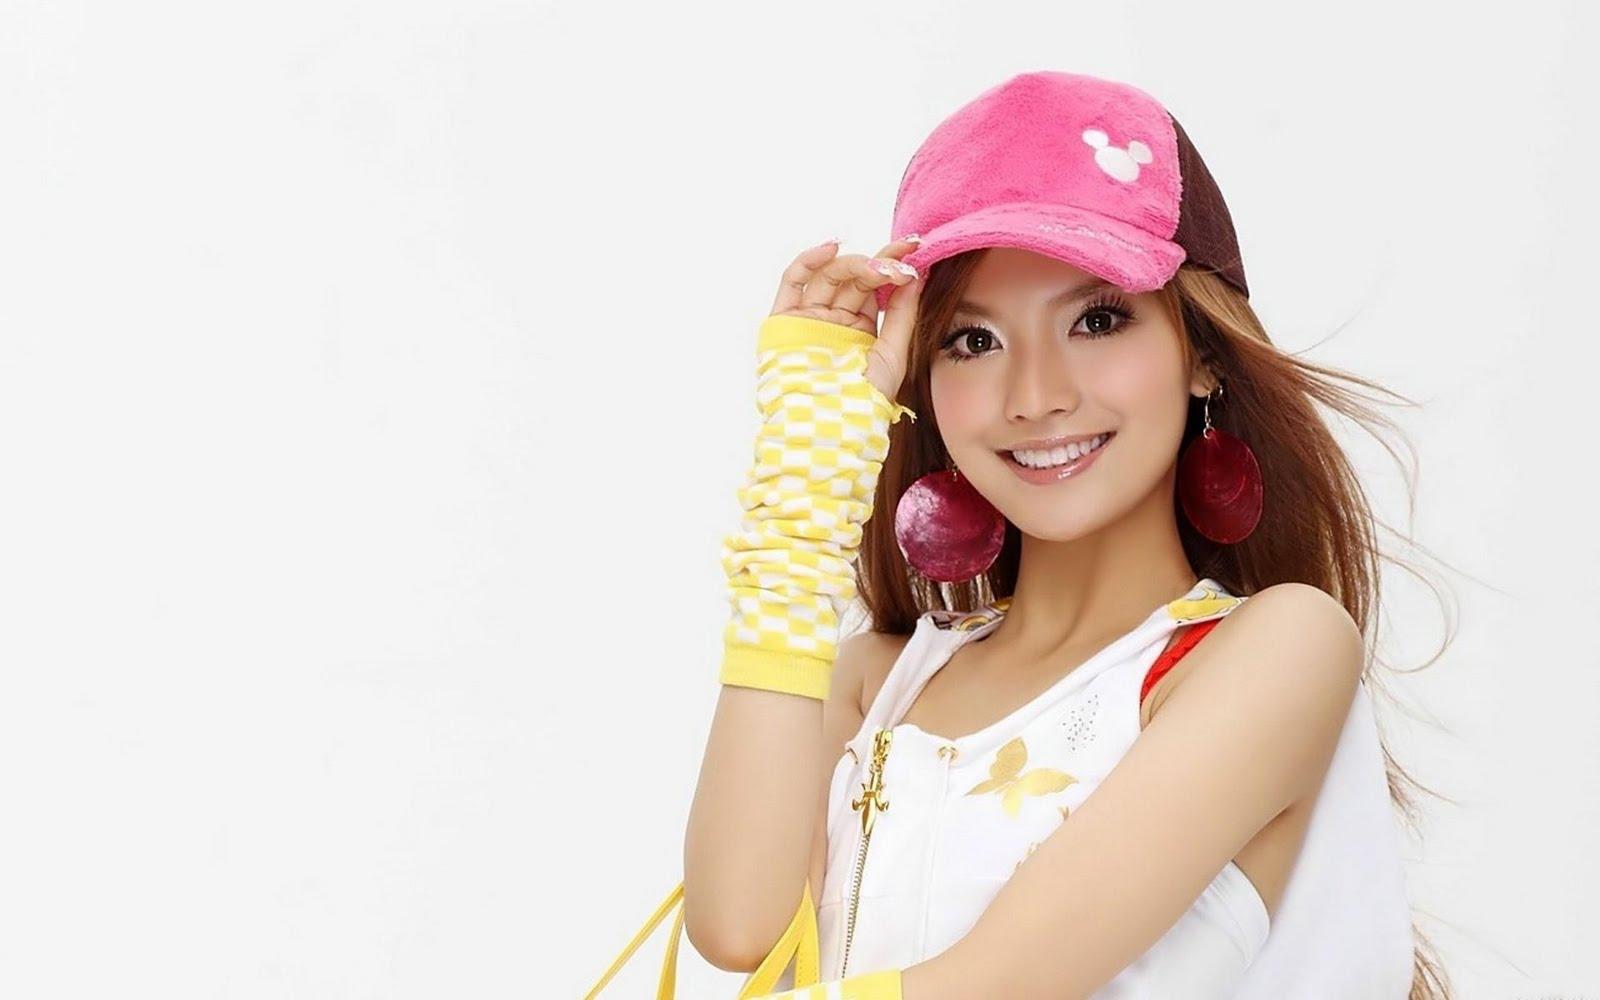 girl shameless Asian from